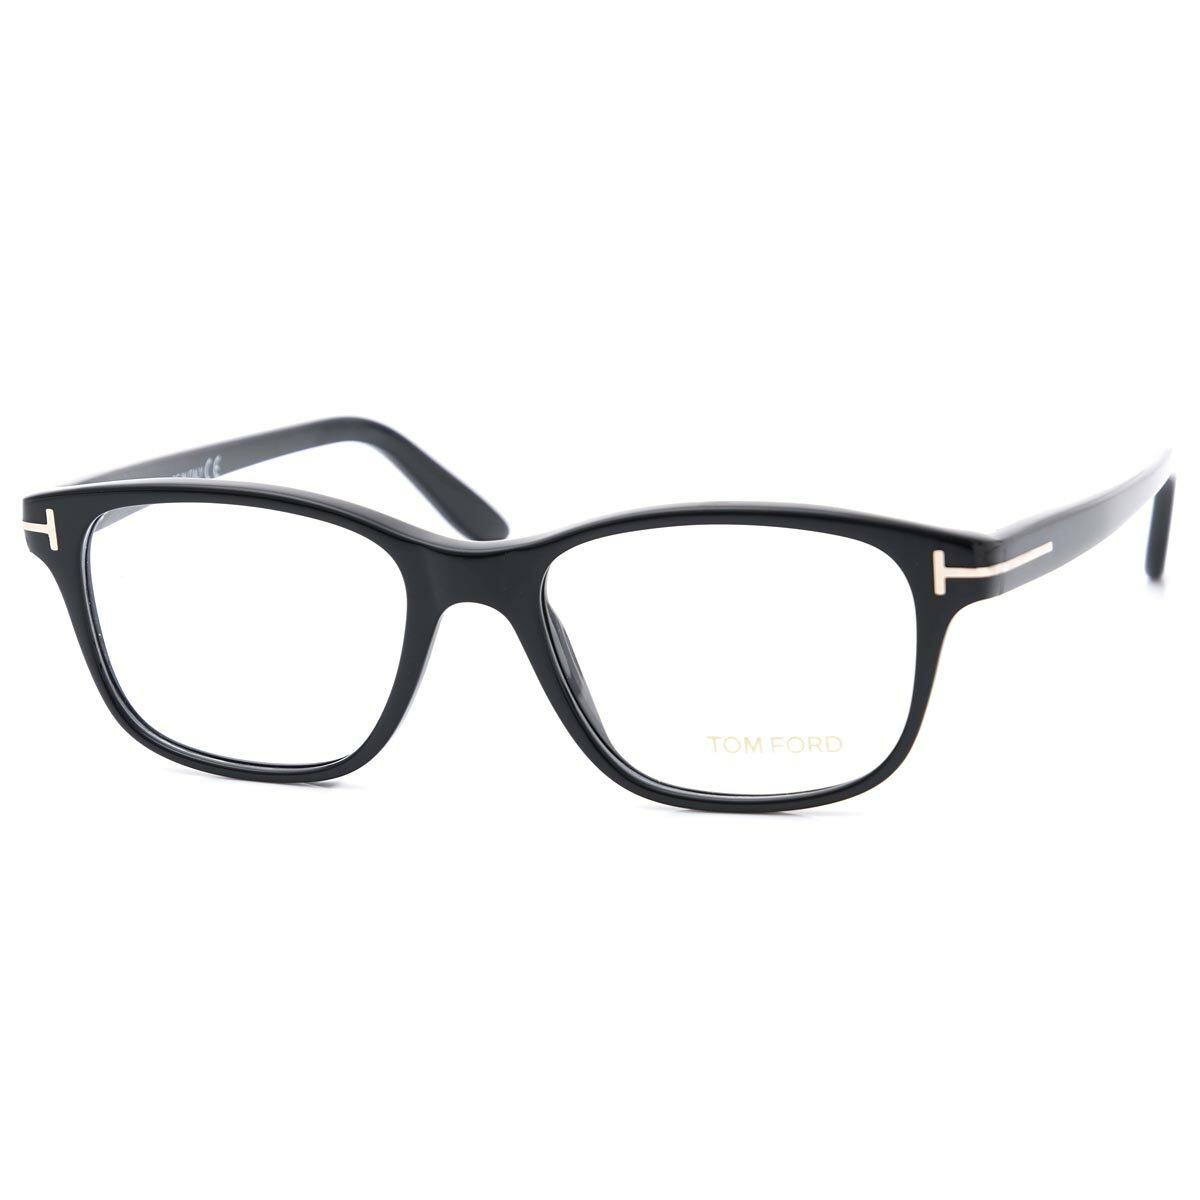 トムフォード TOM FORD メガネ ブラック メンズ アイウェア おしゃれ デザイン TF 眼鏡 フレーム ft5196 001 ウェイファーラー【あす楽対応_関東】【ラッピング無料】【返品送料無料】【170828】